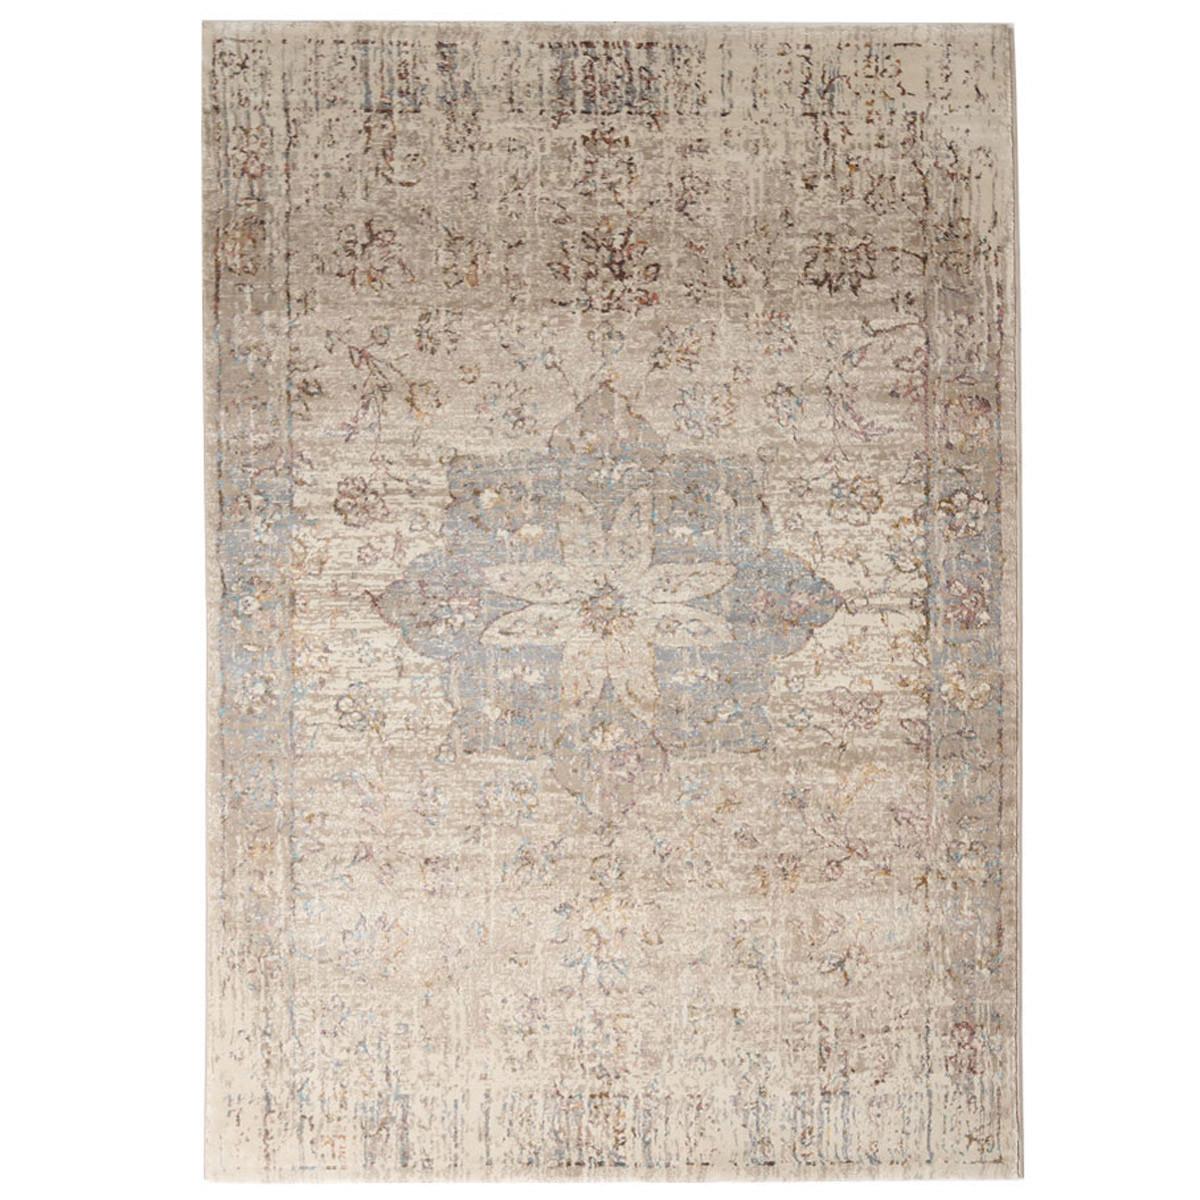 Χαλιά Κρεβατοκάμαρας (Σετ 3τμχ) Royal Carpets Fortune 1902 J home   χαλιά   χαλιά κρεβατοκάμαρας